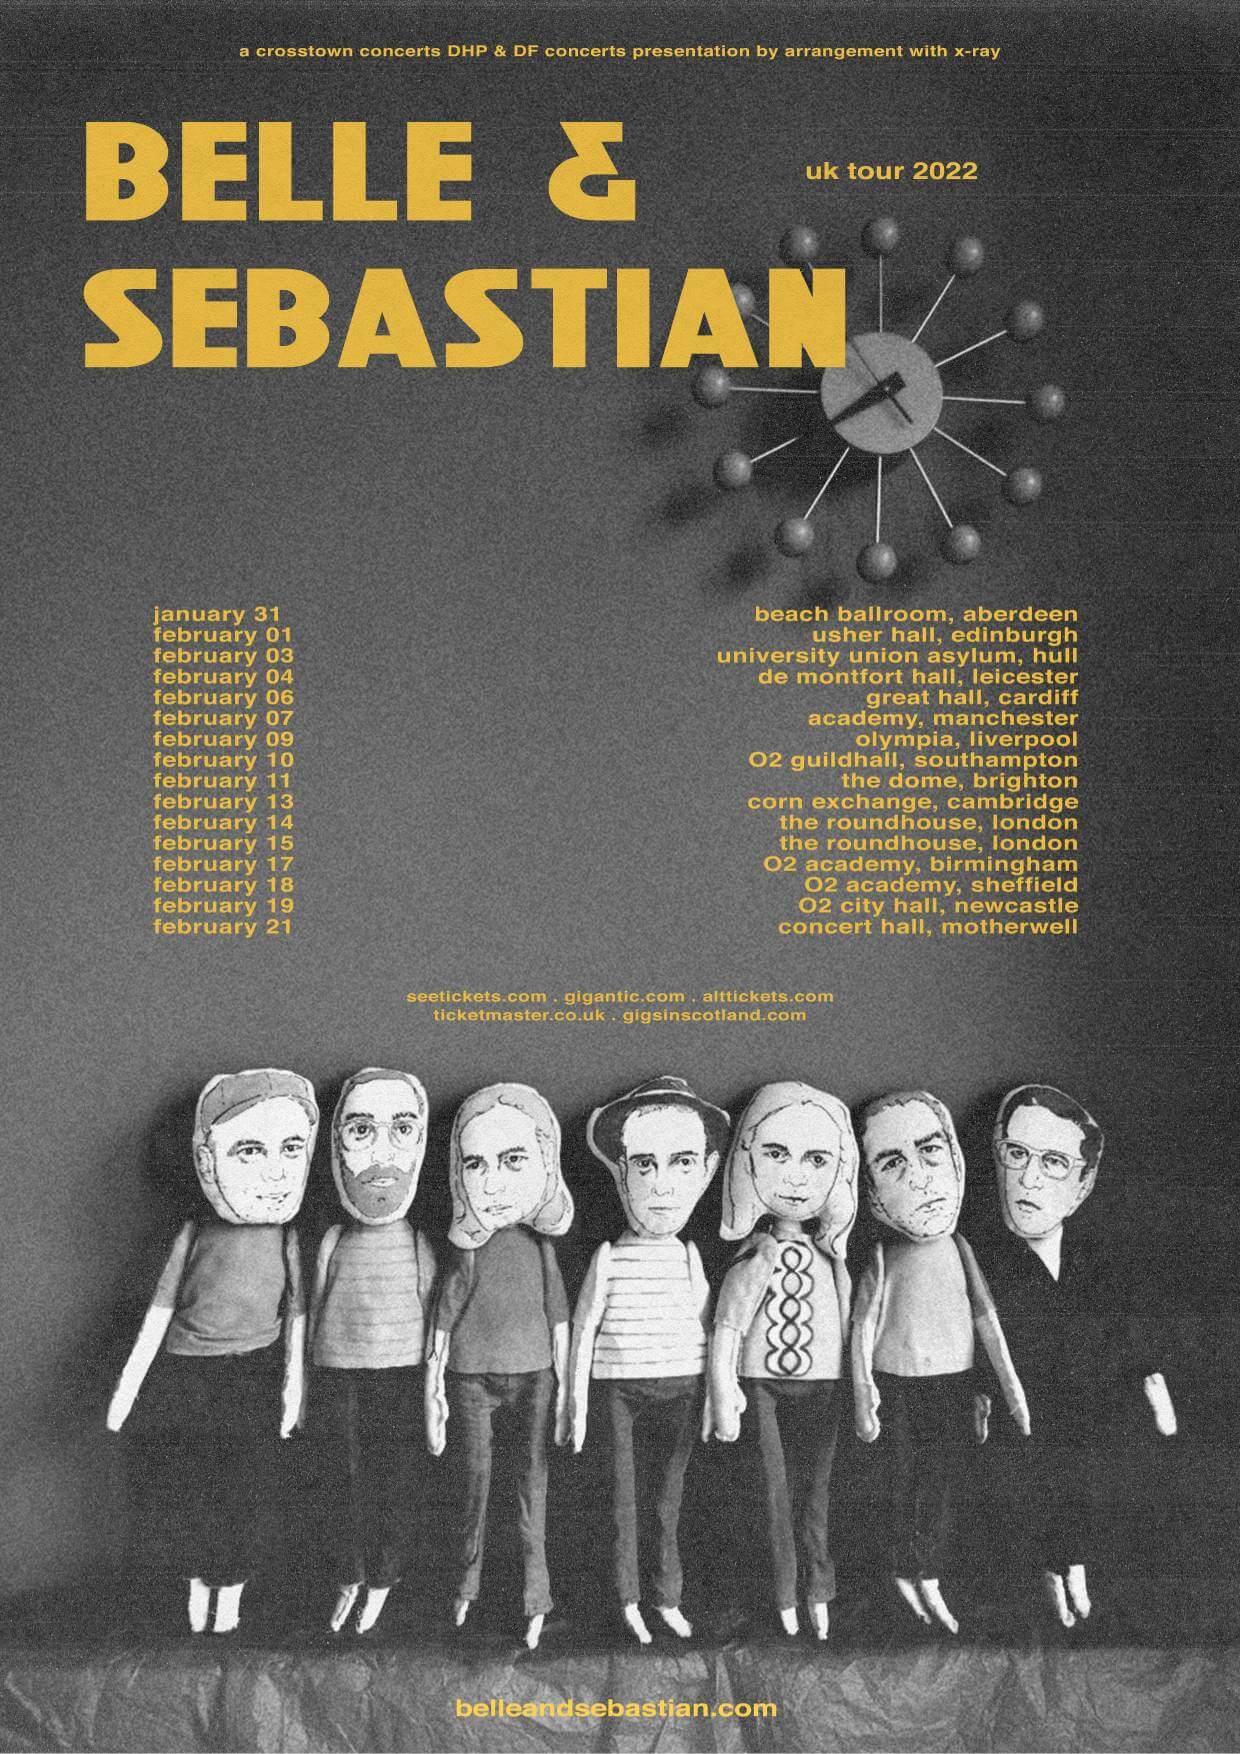 Belle & Sebastian UK tour 2022